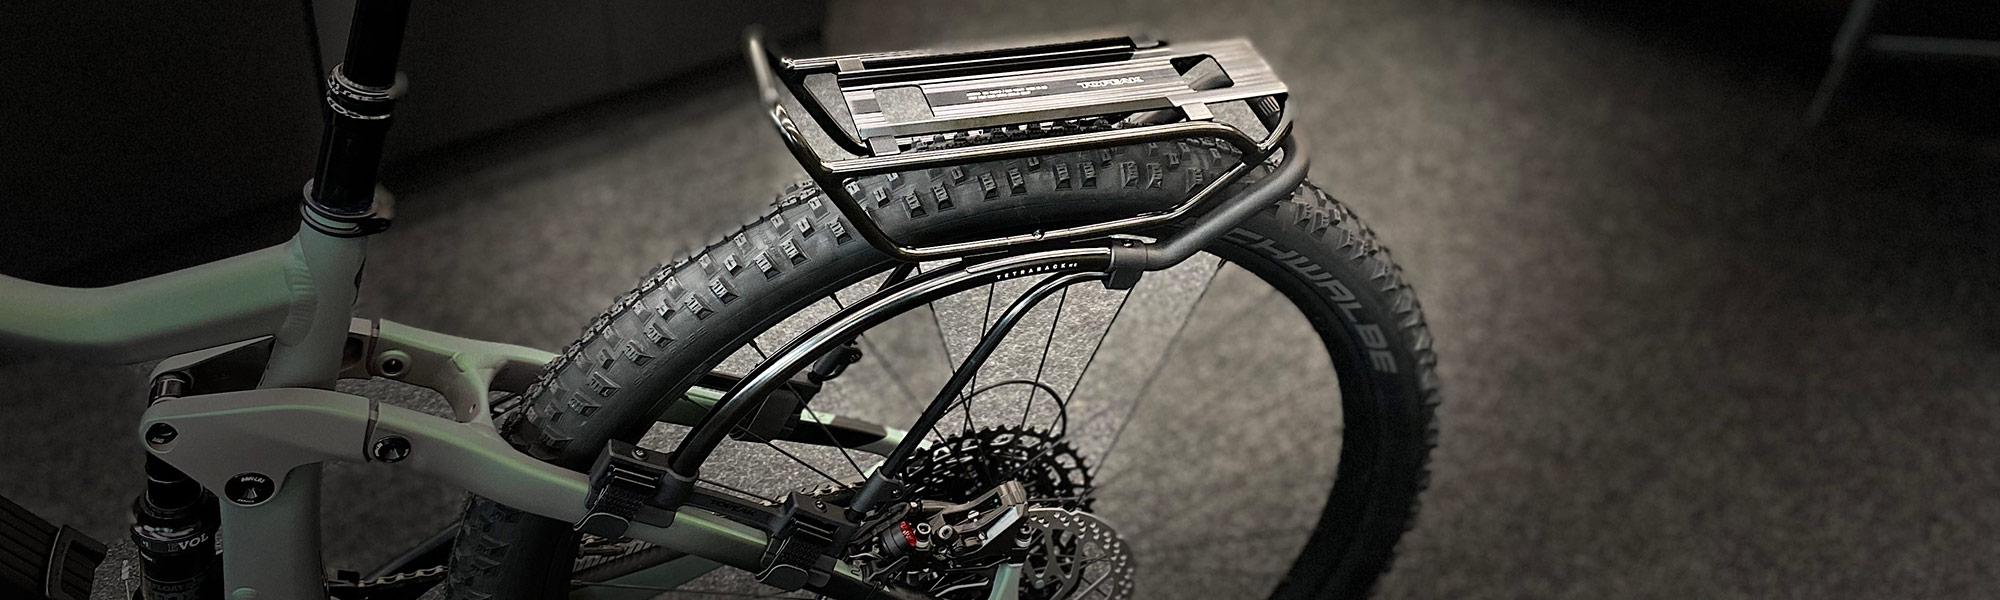 Zweirad-Fuhr-Service-E-Bike